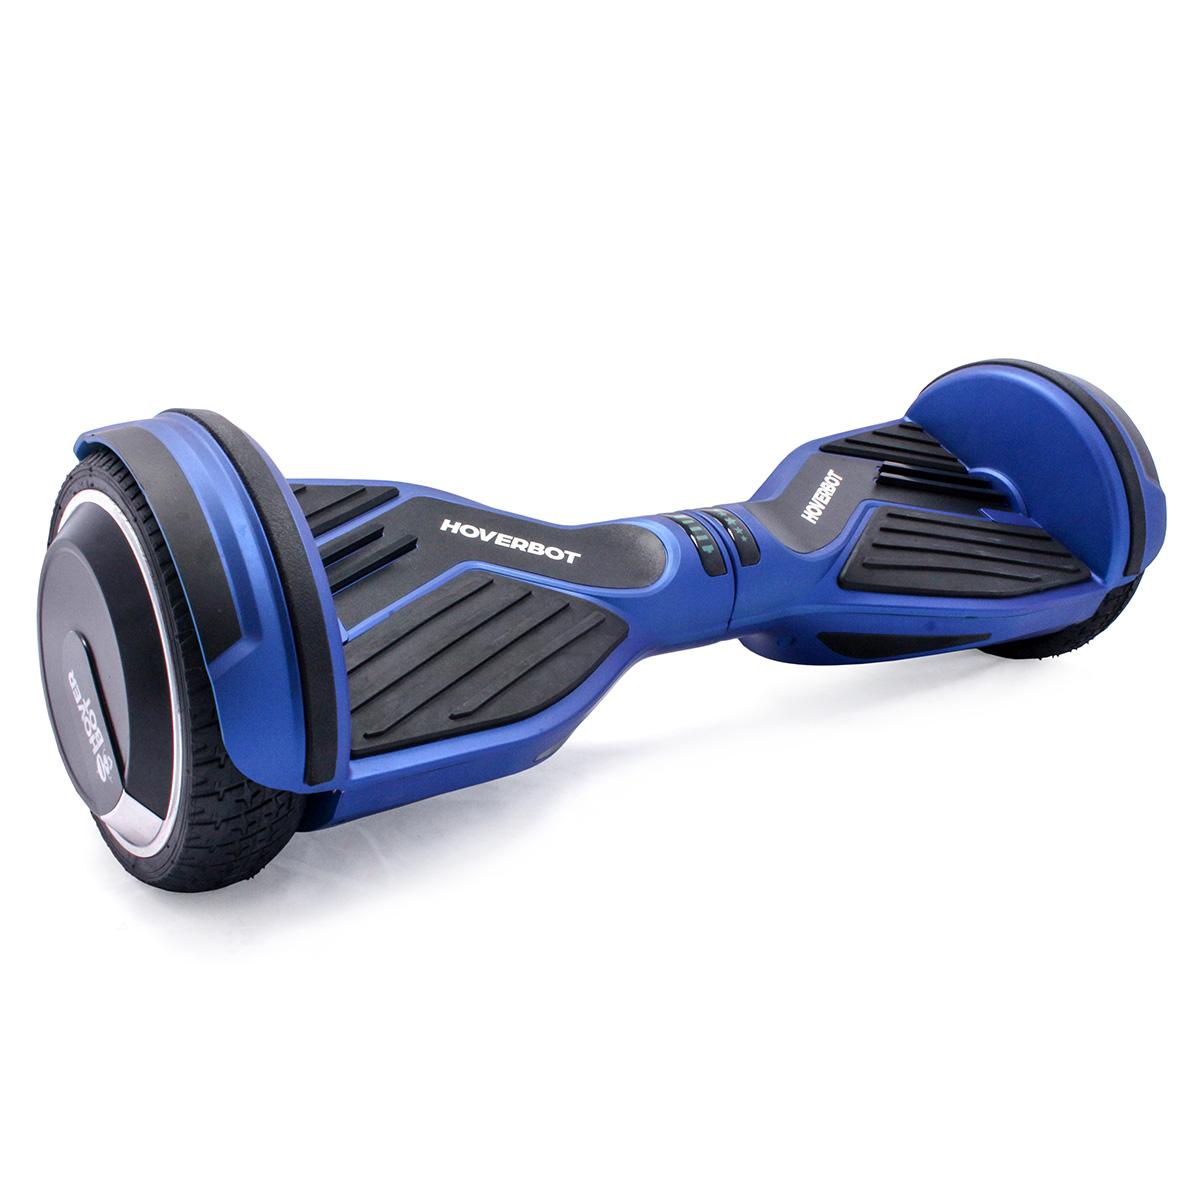 Гироскутер Hoverbot A-6 Premium, цвет: синий матовыйAIRWHEEL M3-162.8Гироцикл Hoverbot А6 Premium можно использовать для развлечения, в качестве спортивного снаряда, а также в качестве самого настоящего транспортного средства. Эффективный принцип, заложенный в основу этого устройства, обеспечивает максимальную простоту в эксплуатации и отличную управляемость, ведь встроенный гироскоп реагирует на малейшее движение тела, облегчая управление. Платформы для ног имеют отличное сцепление с обувью. Небольшие фонари спереди устройства осветят мелкие трещины и препятствия на дороге в тёмное время суток, а также сделают вас заметнее для других пешеходов или атомобилистов. Технические характеристики: Возможная дистанция: 15-20 кмМаксимальная скорость: 15 км/чАккумулятор: Lithium 36V 4,4 AHРазмер колеса: 6,5(165мм)Мощность мотора: 2х350WМаксимальная нагрузка: 120 кгВремя заряда/сеть: 120мин/220ВВес нетто: 11Вес брутто: 12,5Влагозащита: IP54Условия эксплуатации: -10°C - 50°C3 режима работы устройства. (Начинающий, стандартный, продвинутый), Bluetooth.Пульт управления. Комплектация: Зарядное устройство, чехол, гарантийный талон, сертификат, инструкция.